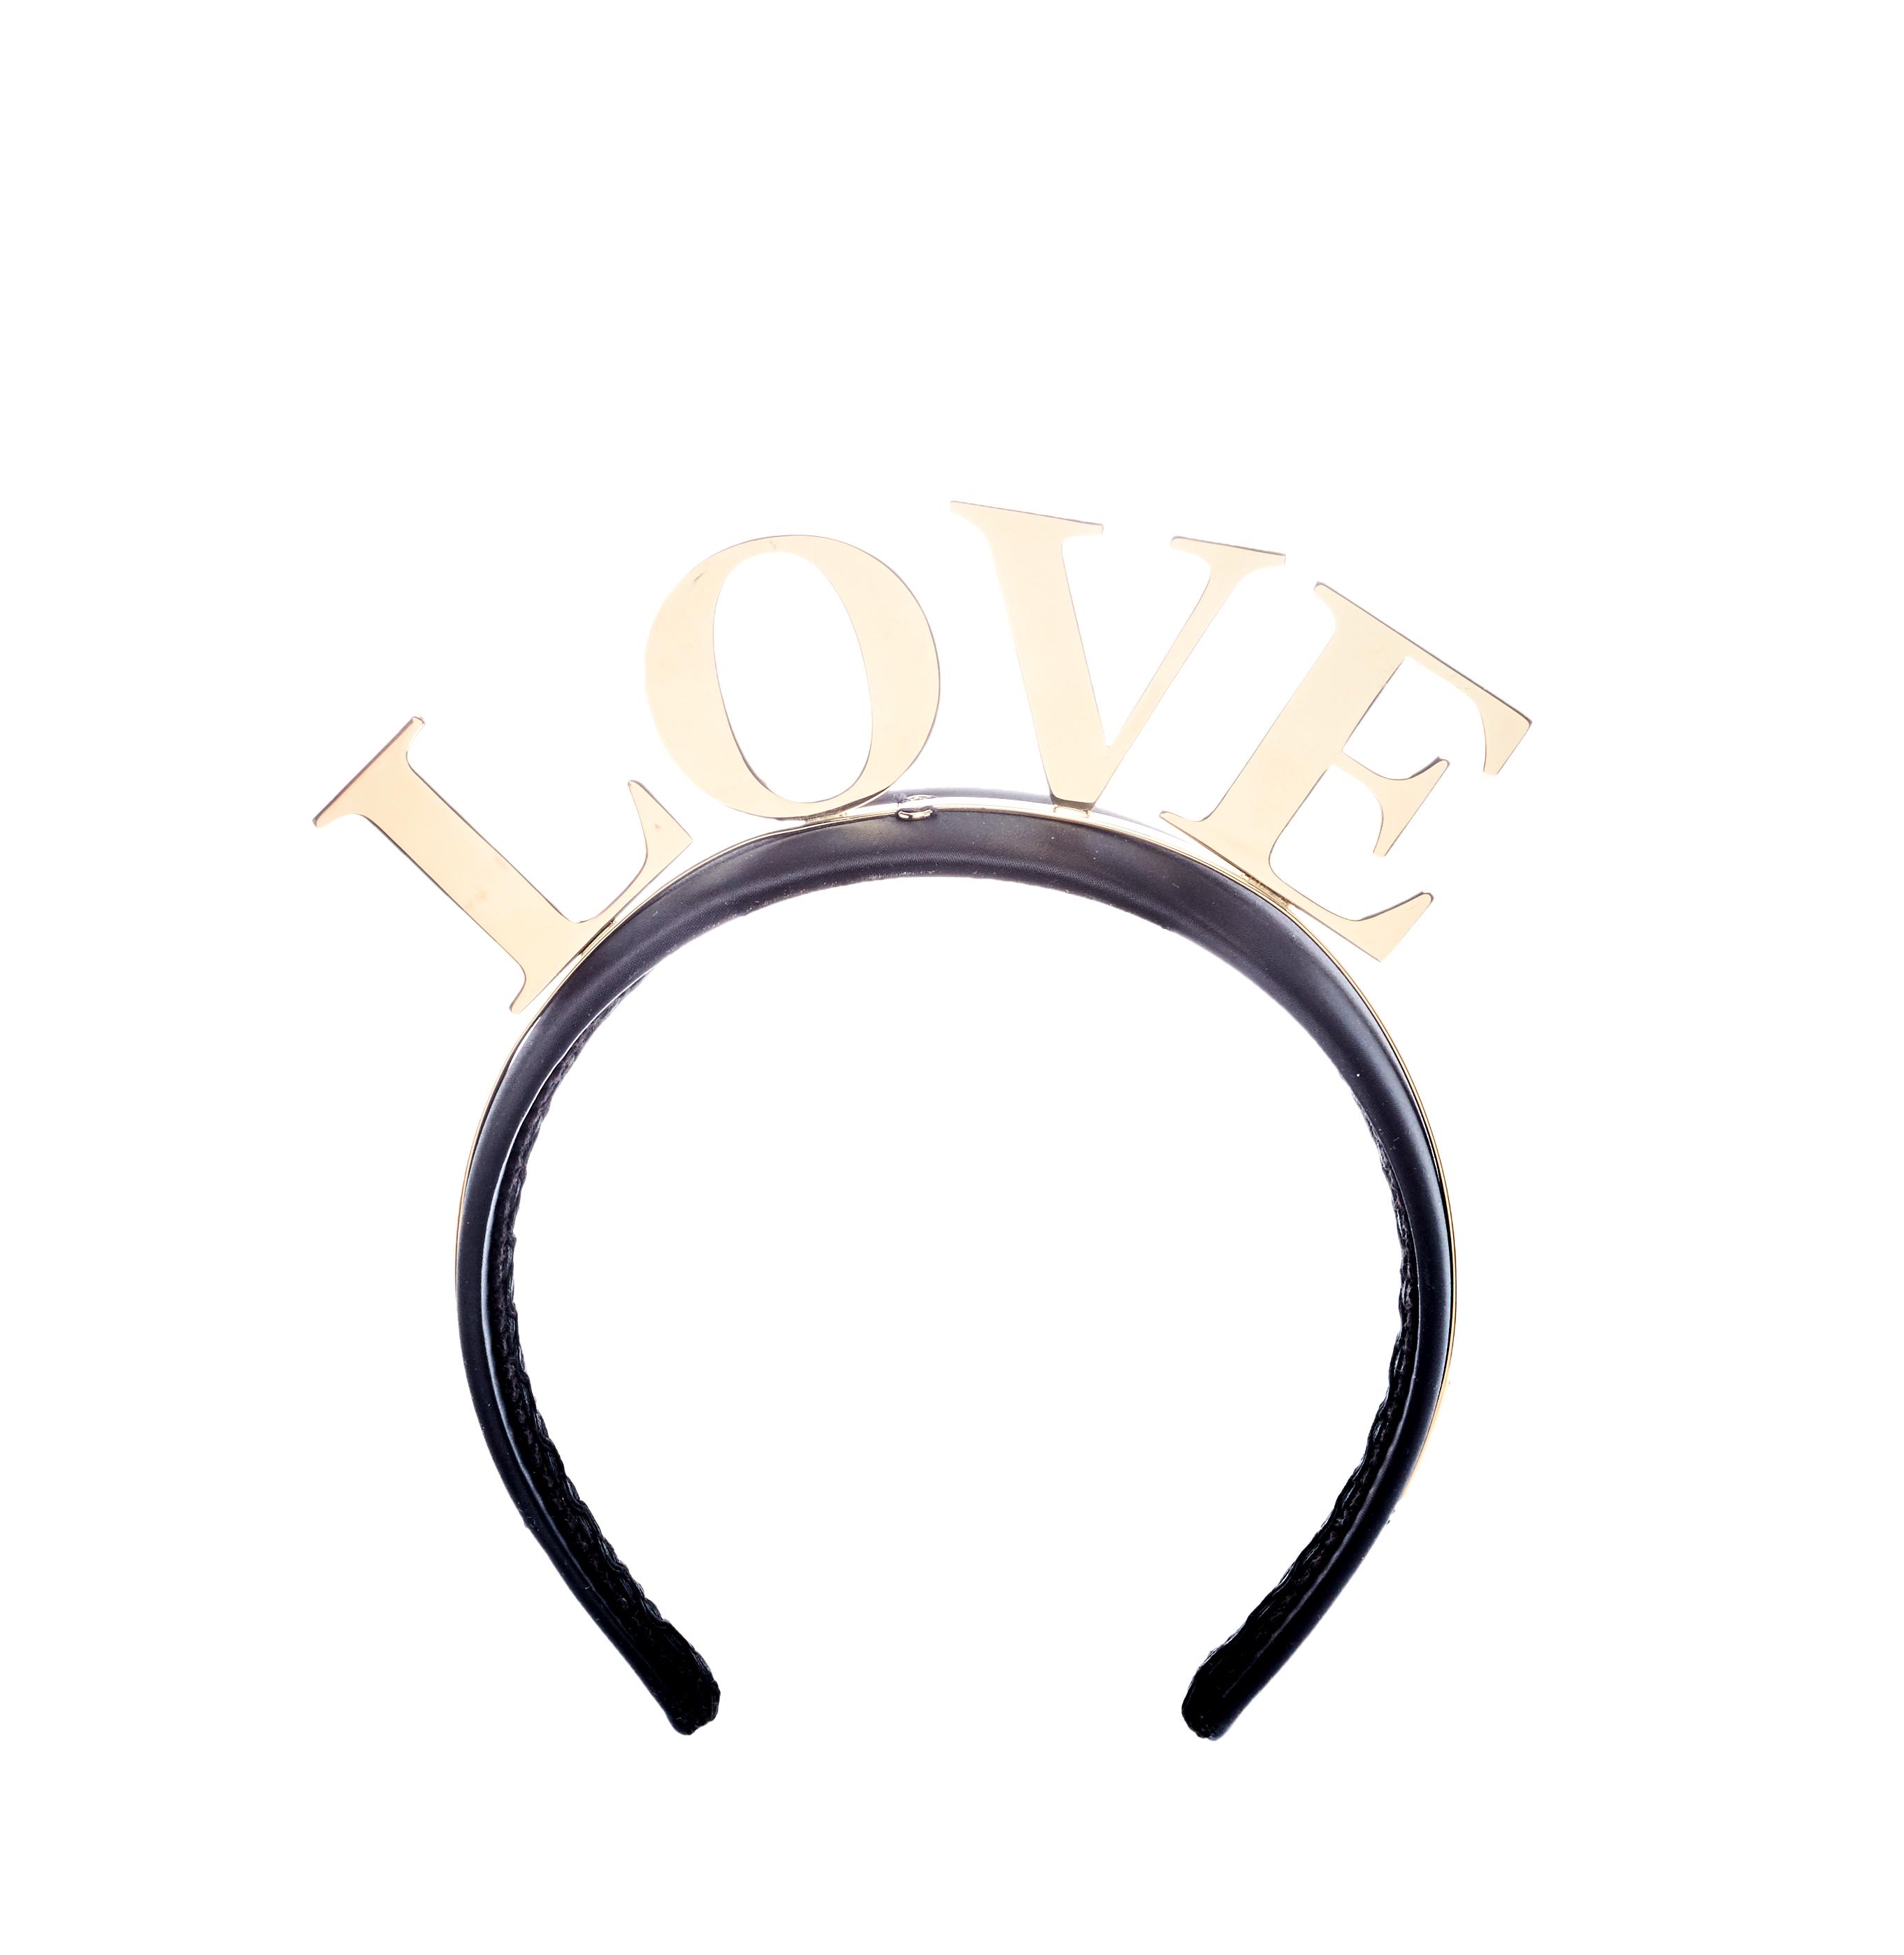 Dolce and Gabbana Love Black Gold Tone Headband